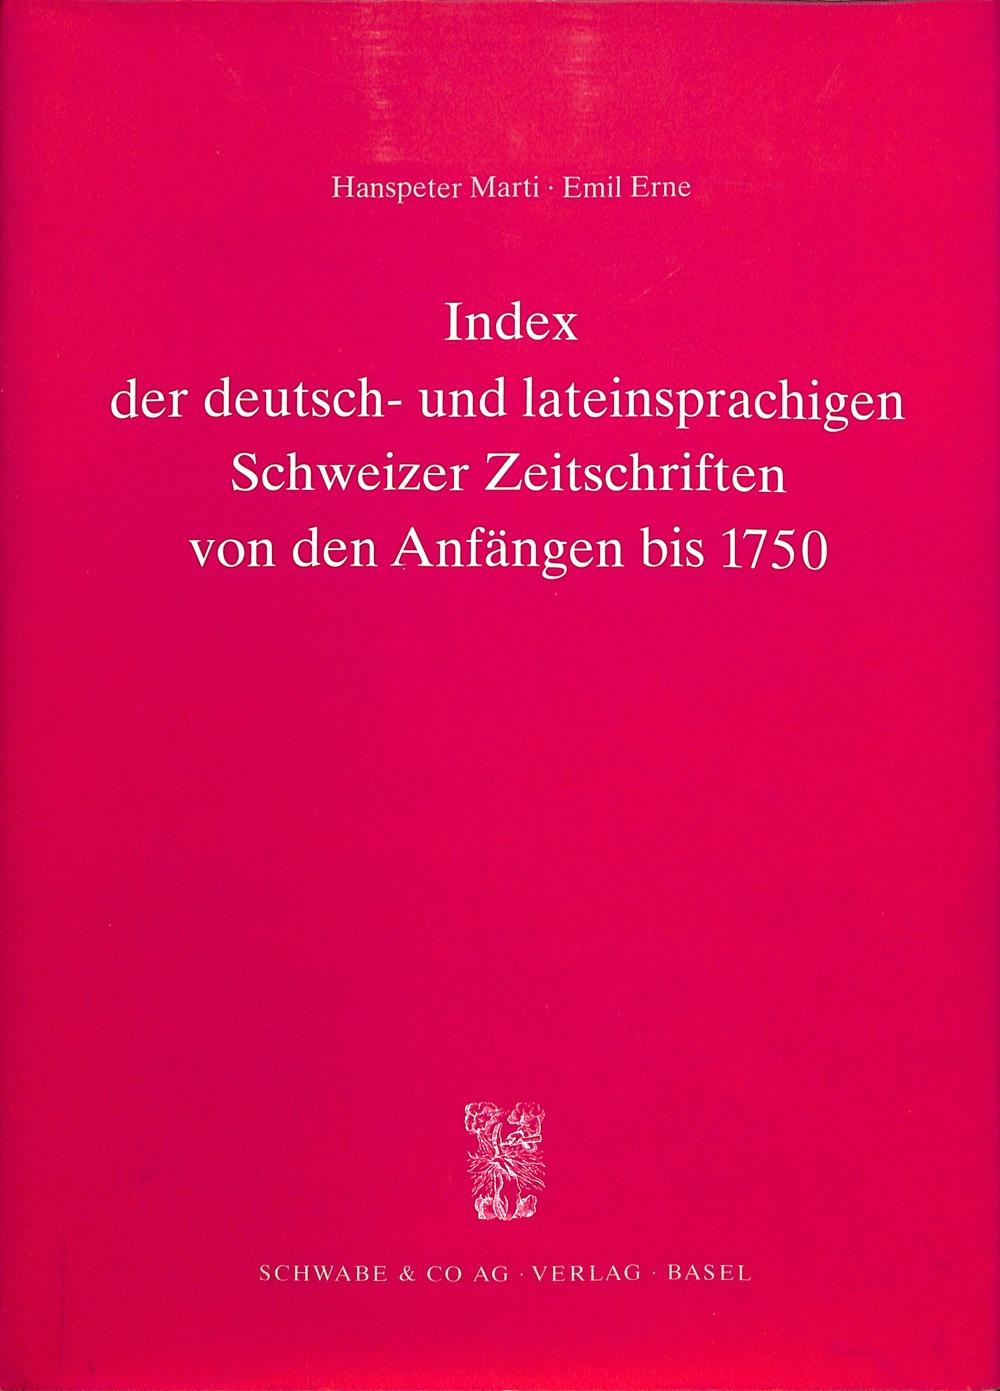 Index der deutsch- und lateinsprachigen Schweizer Zeitschriften von den Anfängen bis 1750